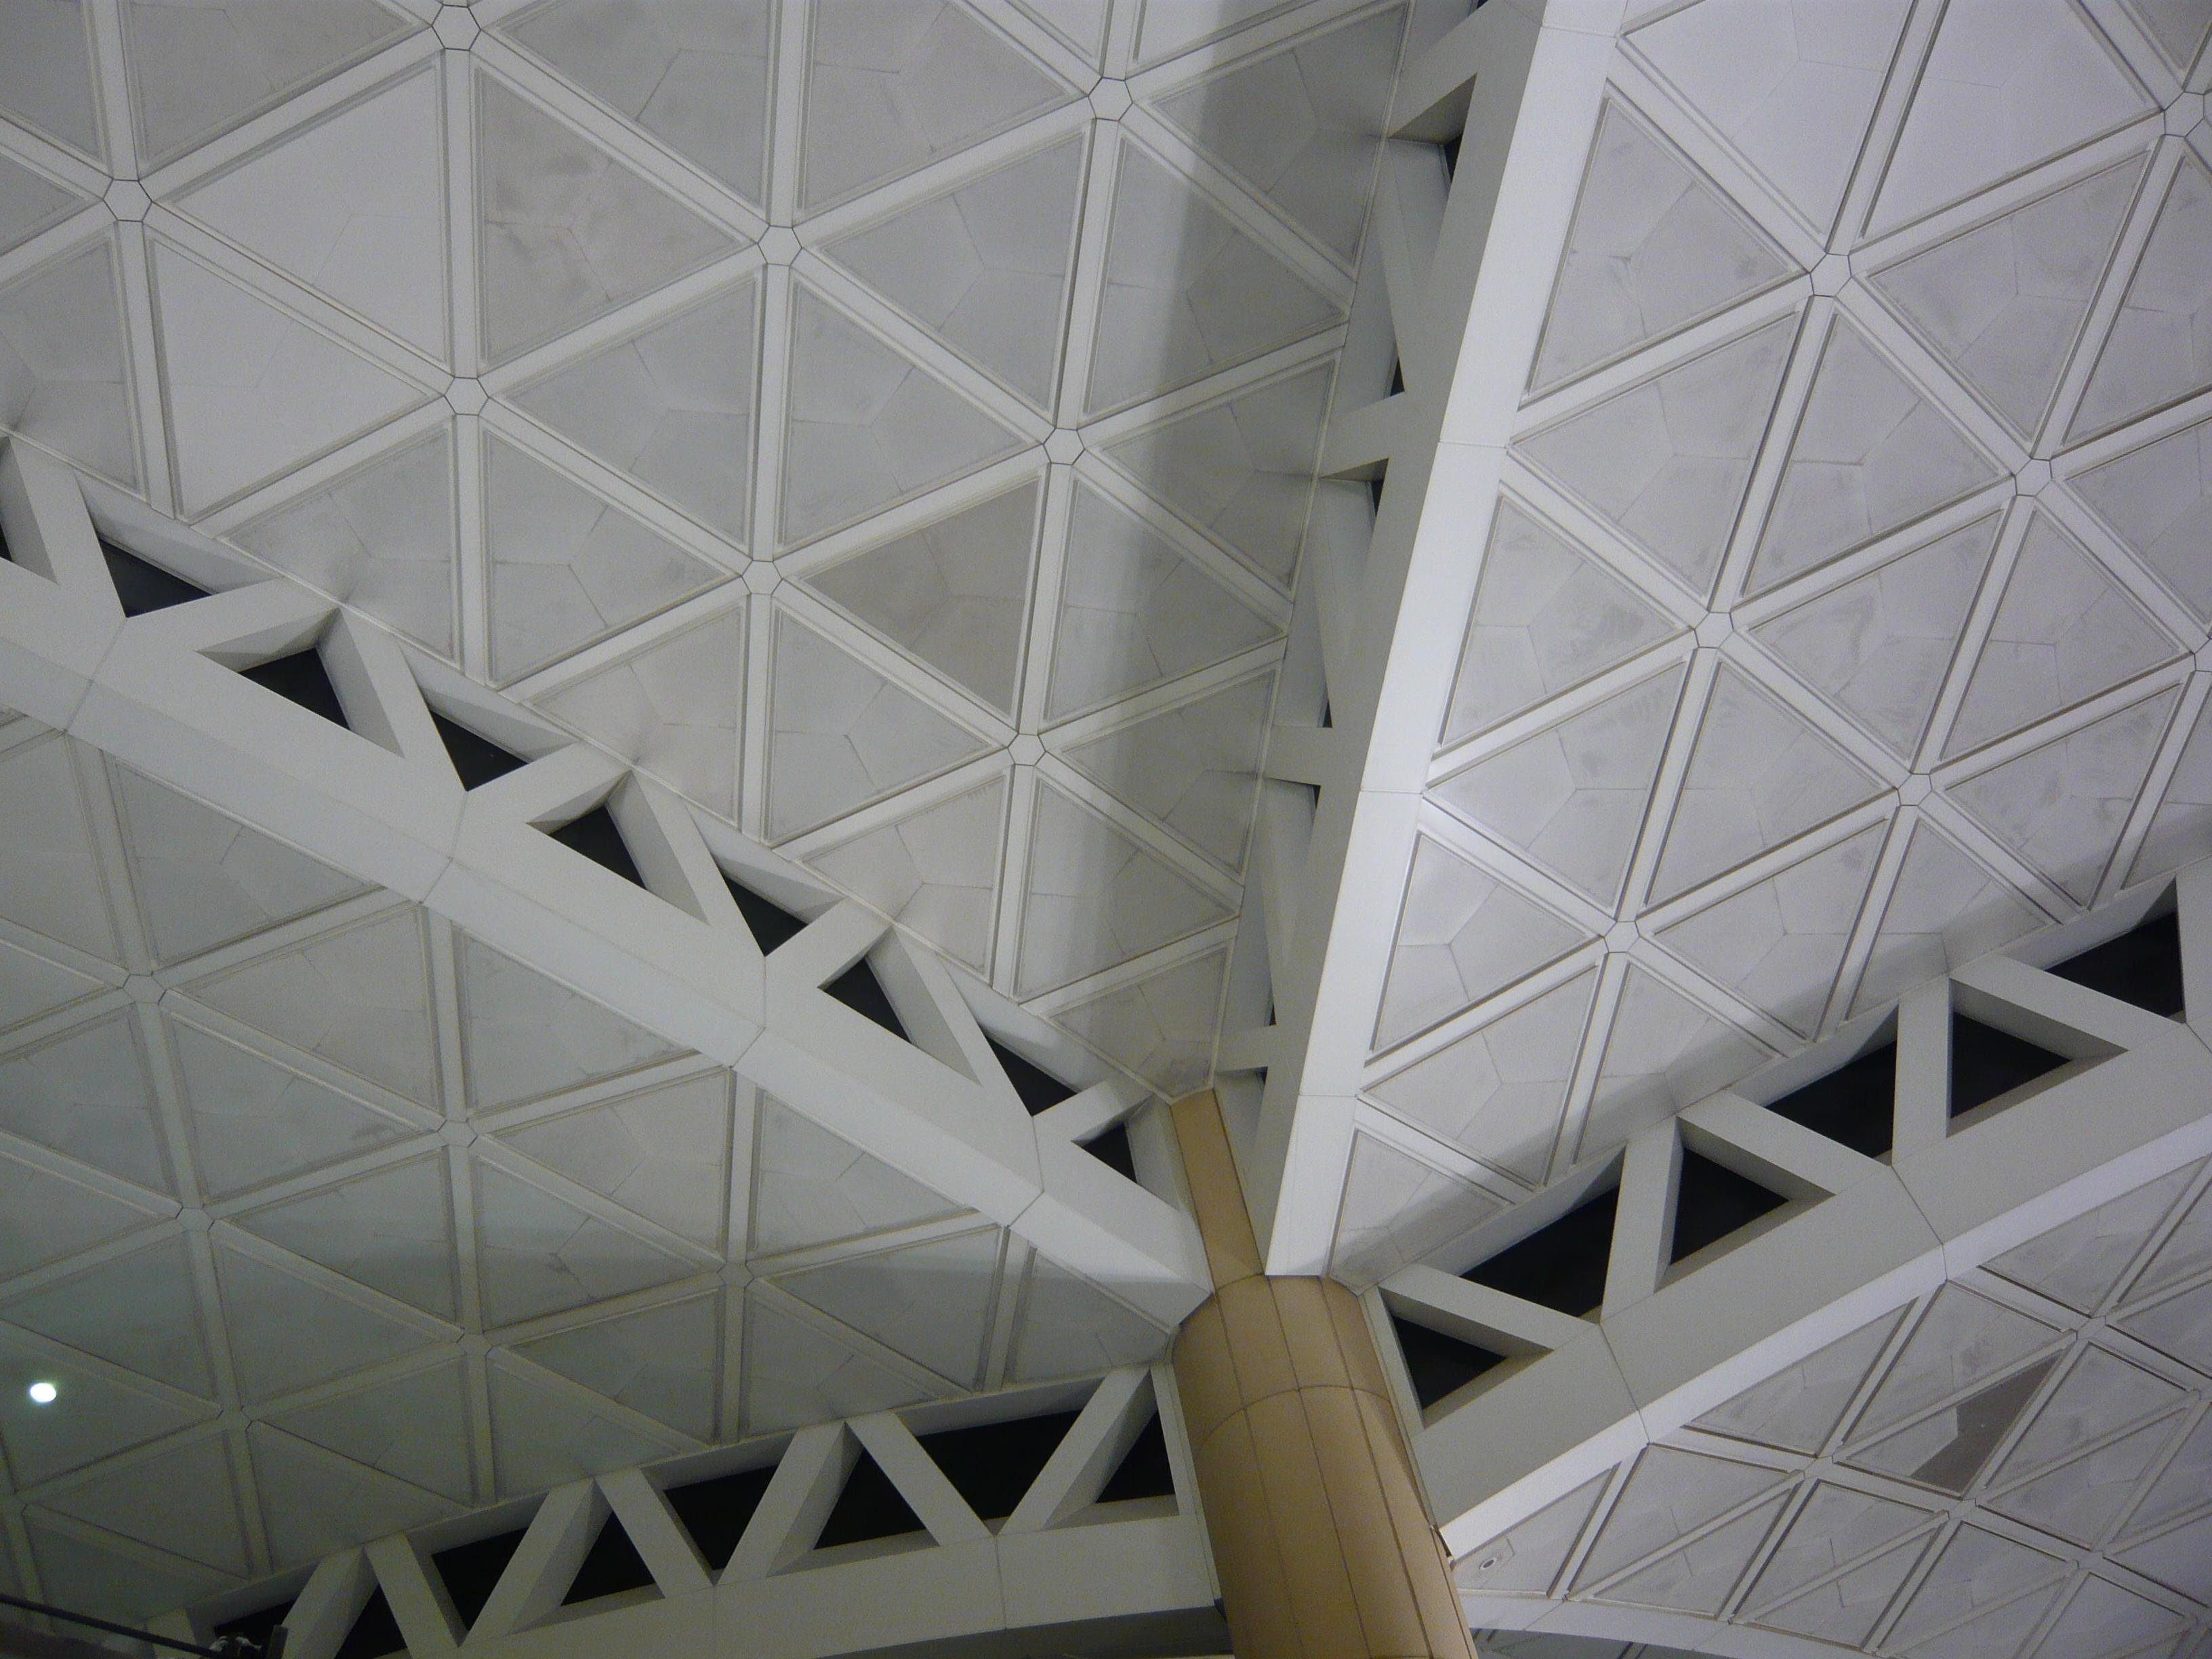 Deckenkonstruktion Einhangshalle Flughafen Riad - Detail